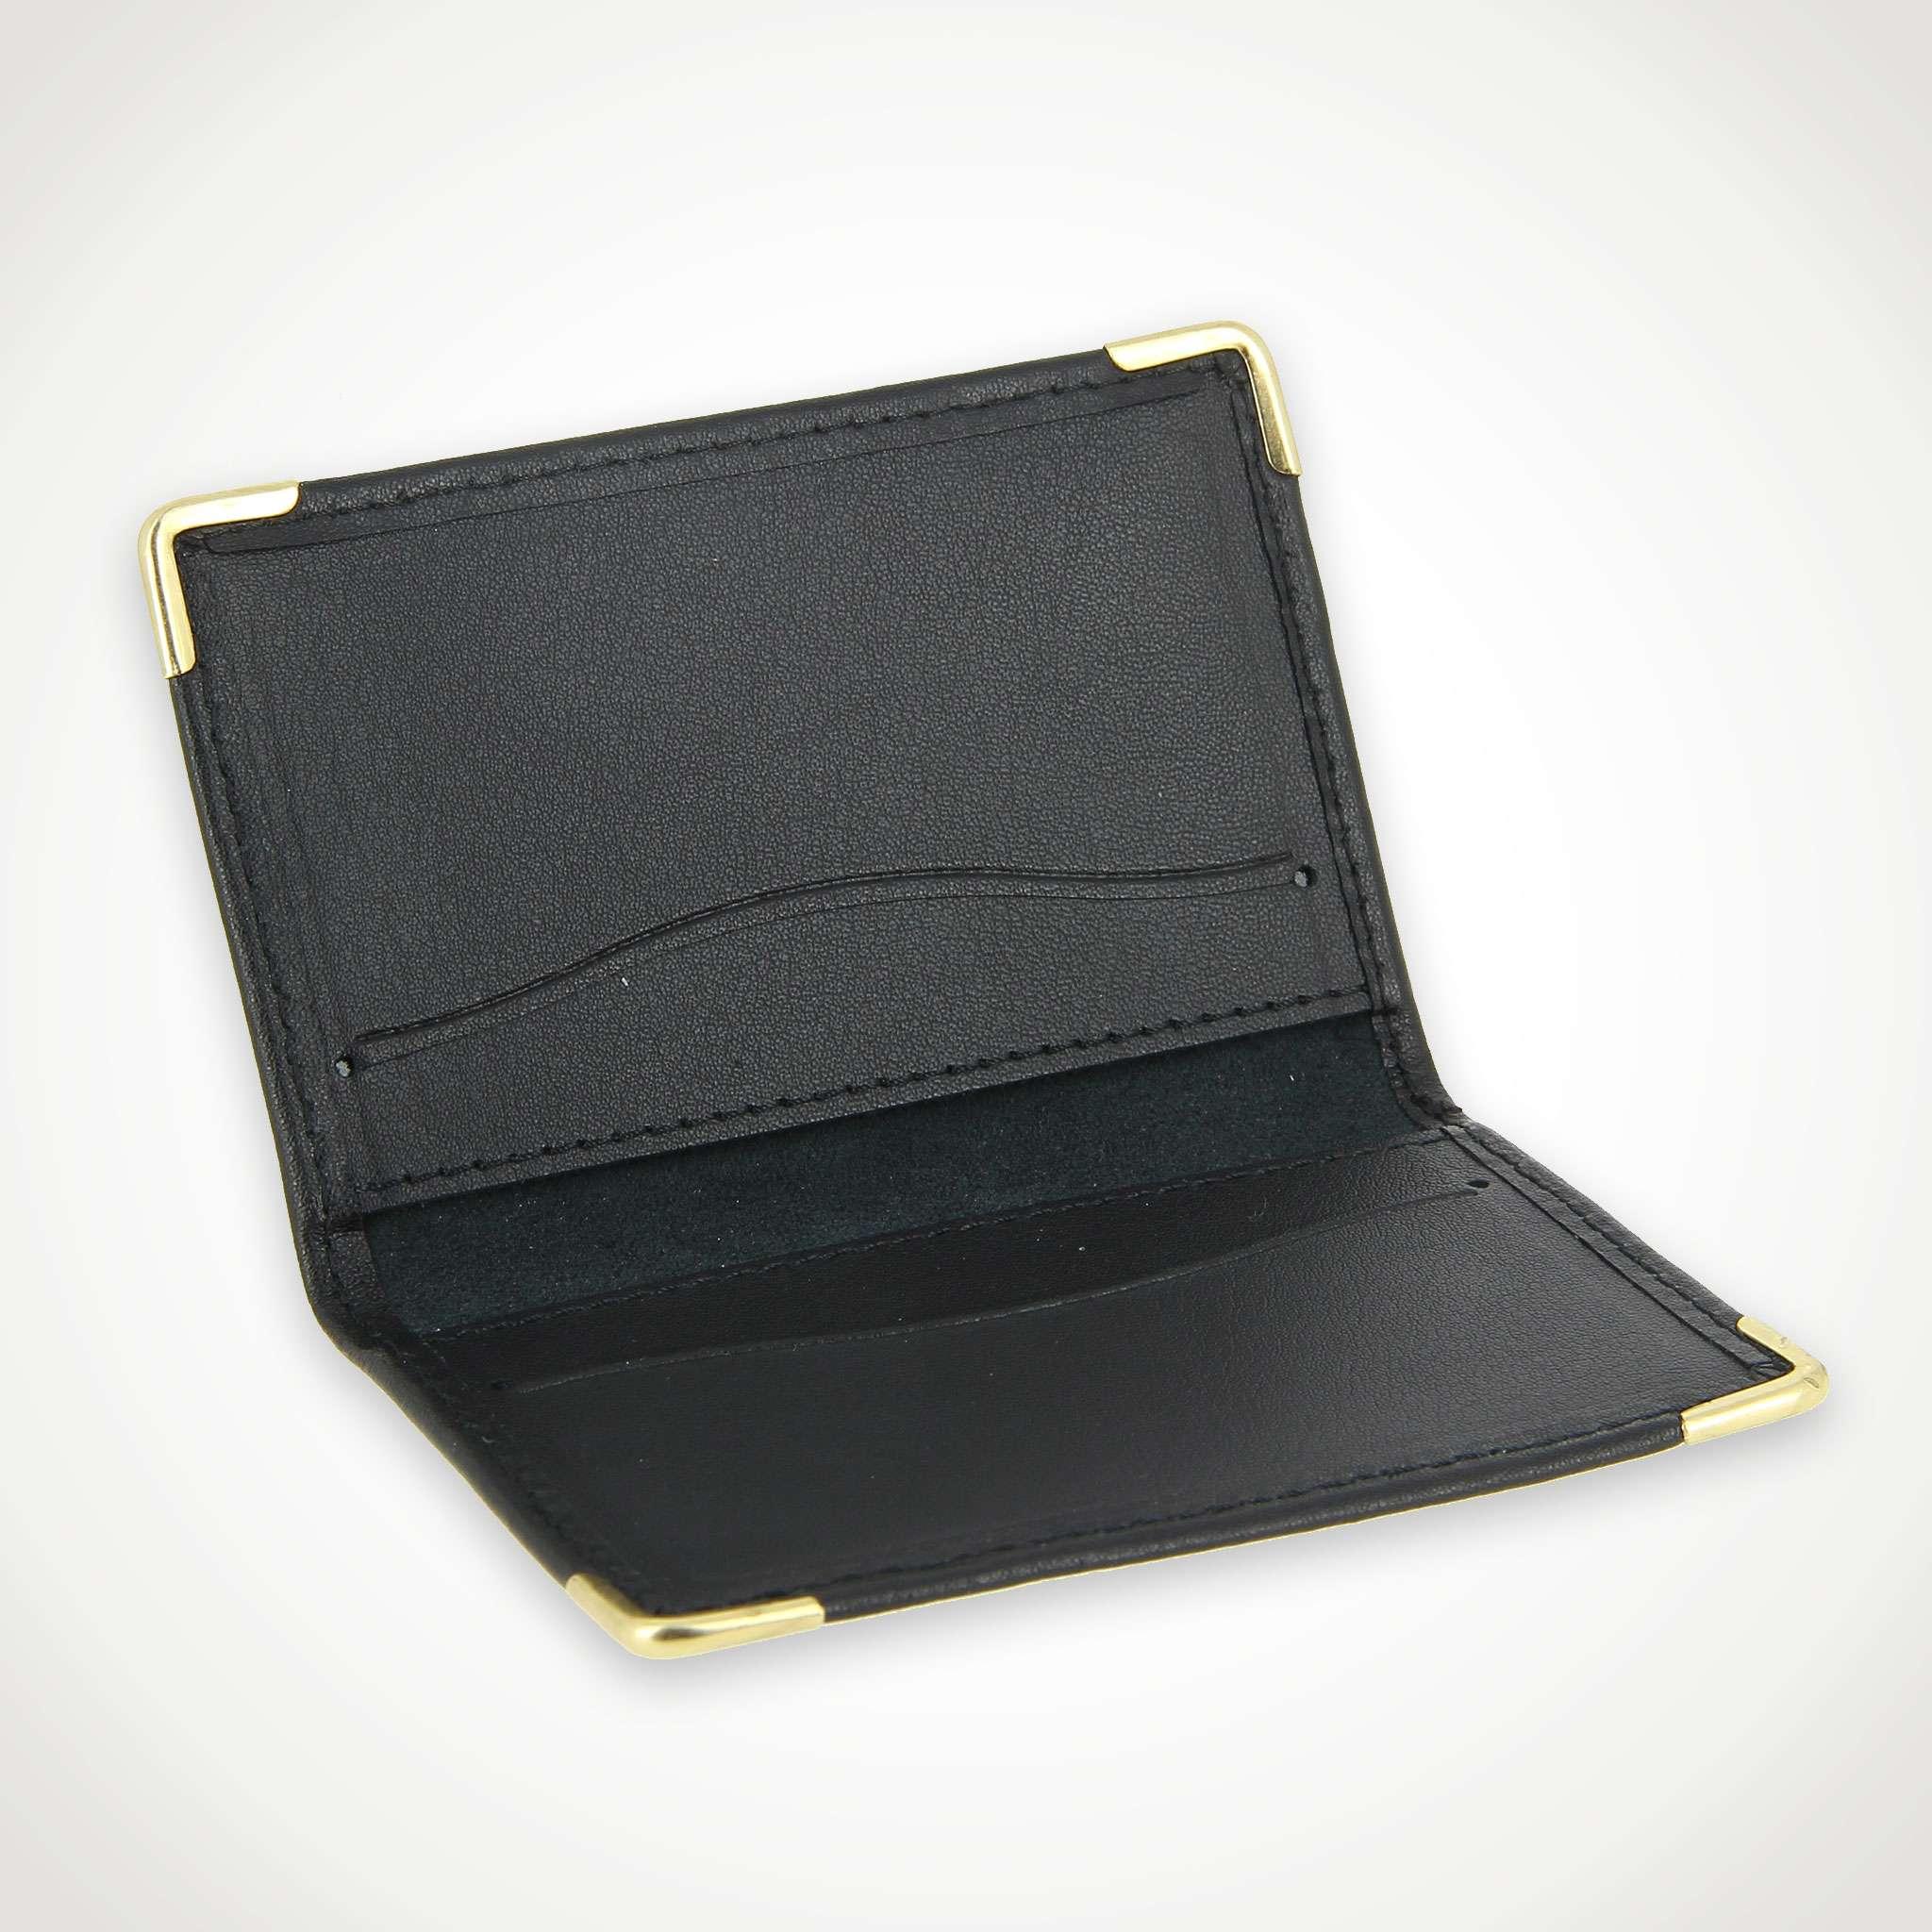 porte carte en cuir Porte carte bancaire   Fleur de peaux   Maroquinerie en ligne